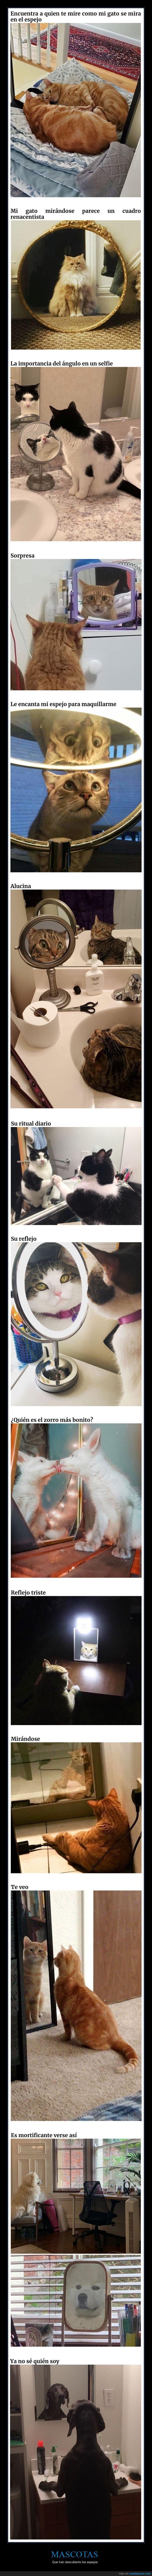 animales,espejos,mascotas